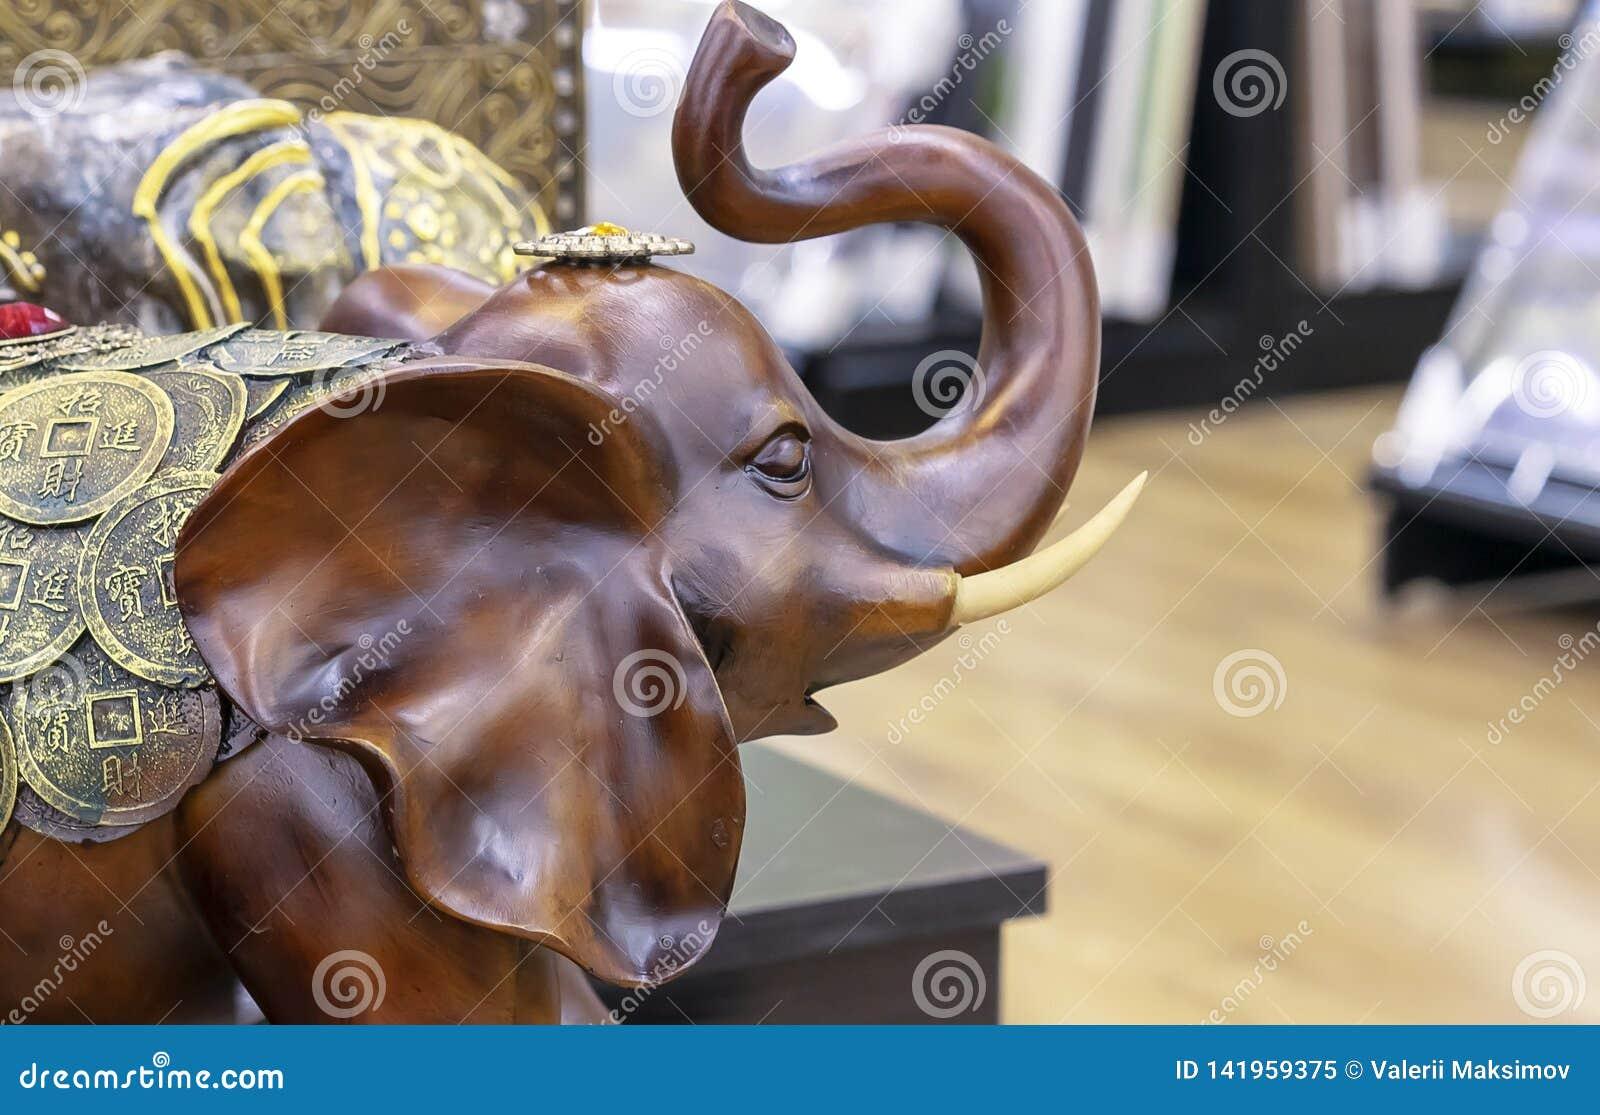 Estatuilla de madera de un elefante adornado con las monedas